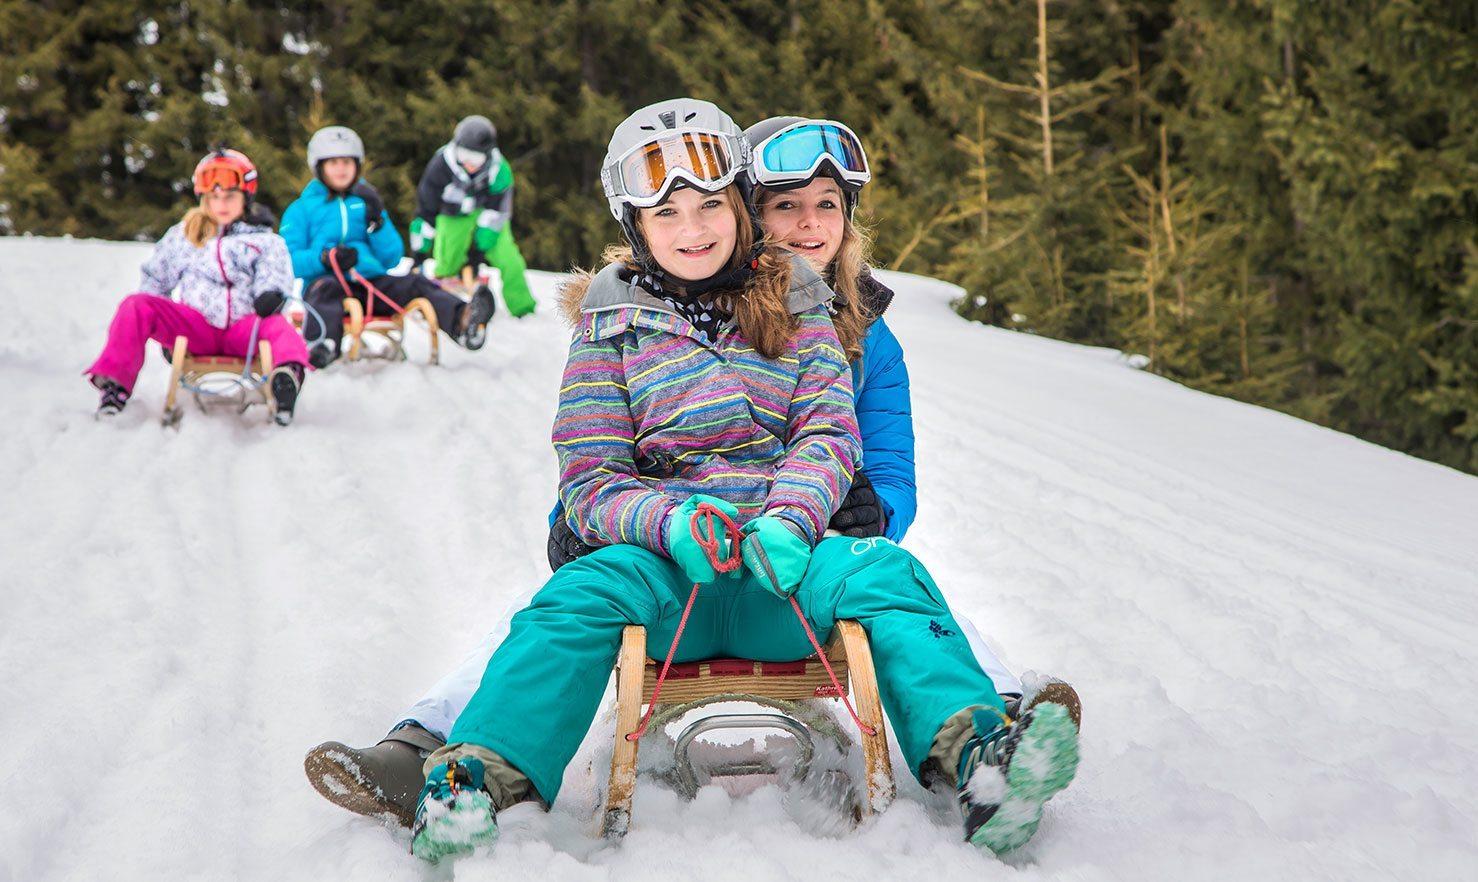 Winterurlaub, Wintersportwochen im Salzburger Land